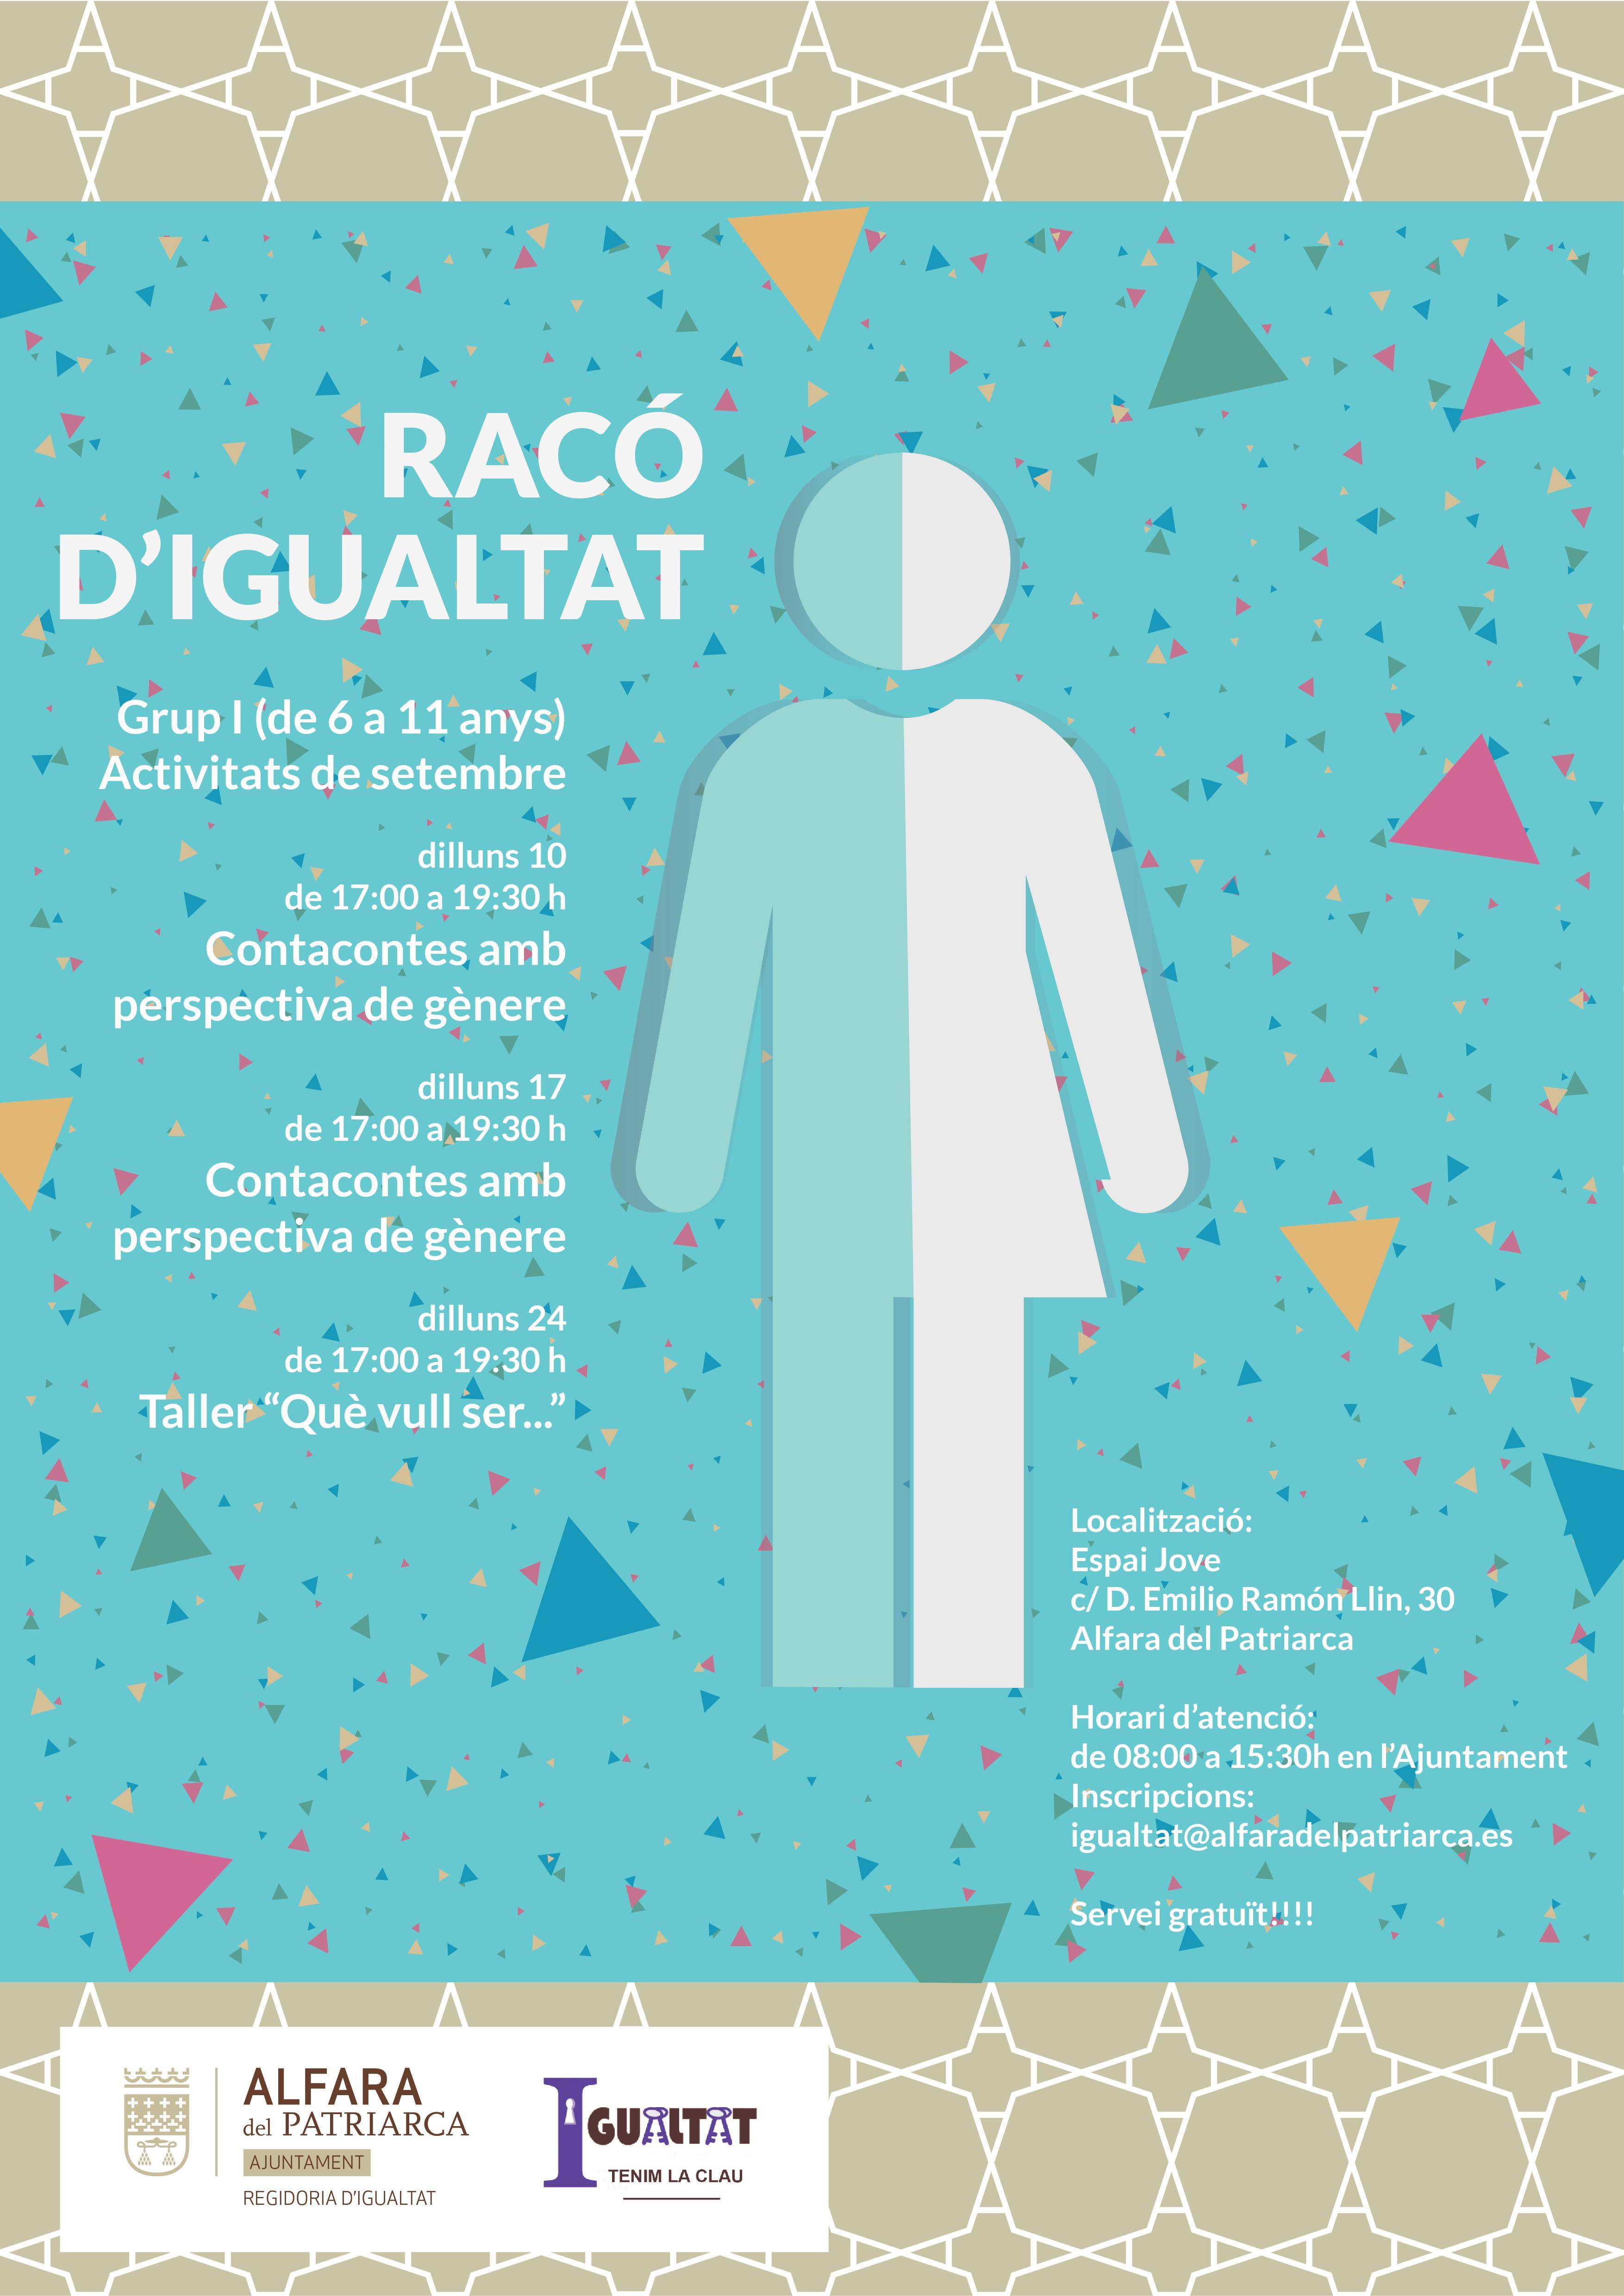 RACO IGUALTAT 2